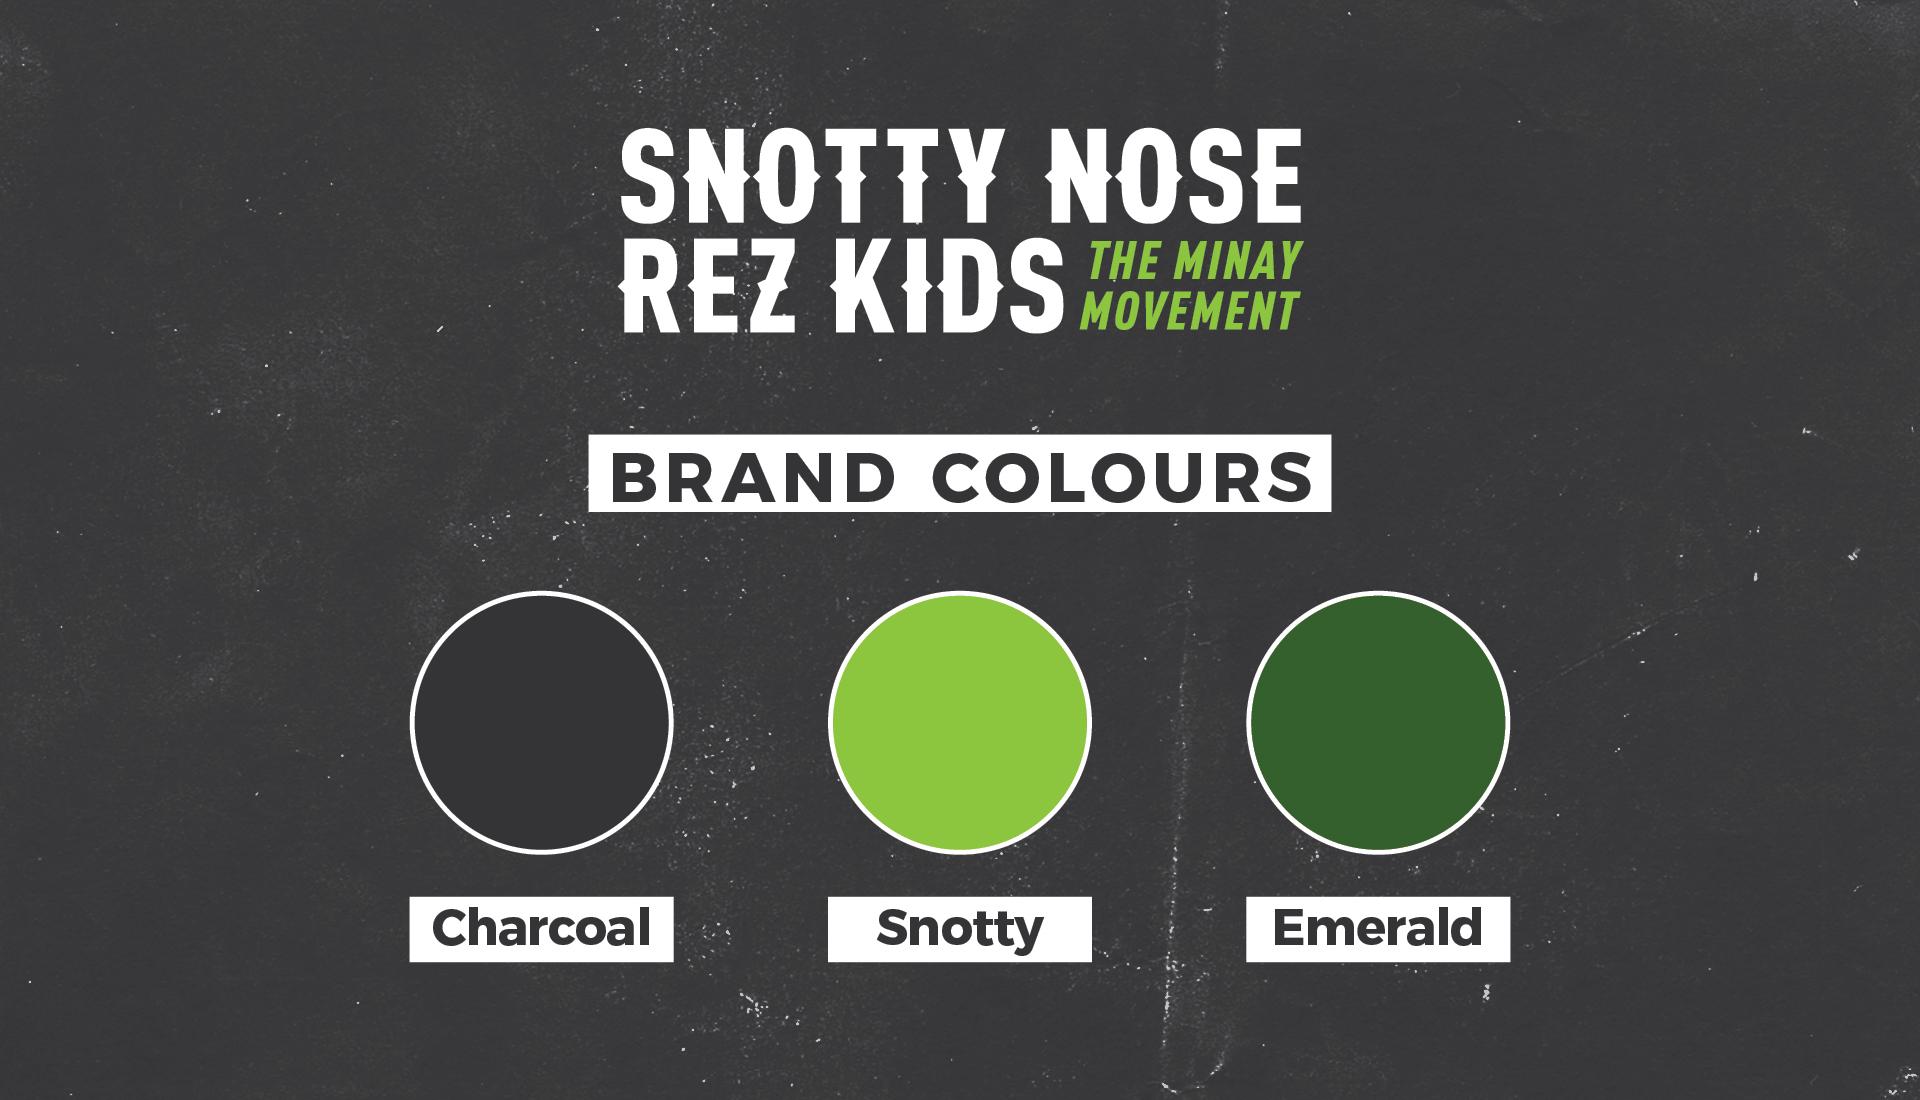 Snotty Nose Rez Kids | Brand Identity Concept, Brand Colours, Charcoal, Snotty, Emerald